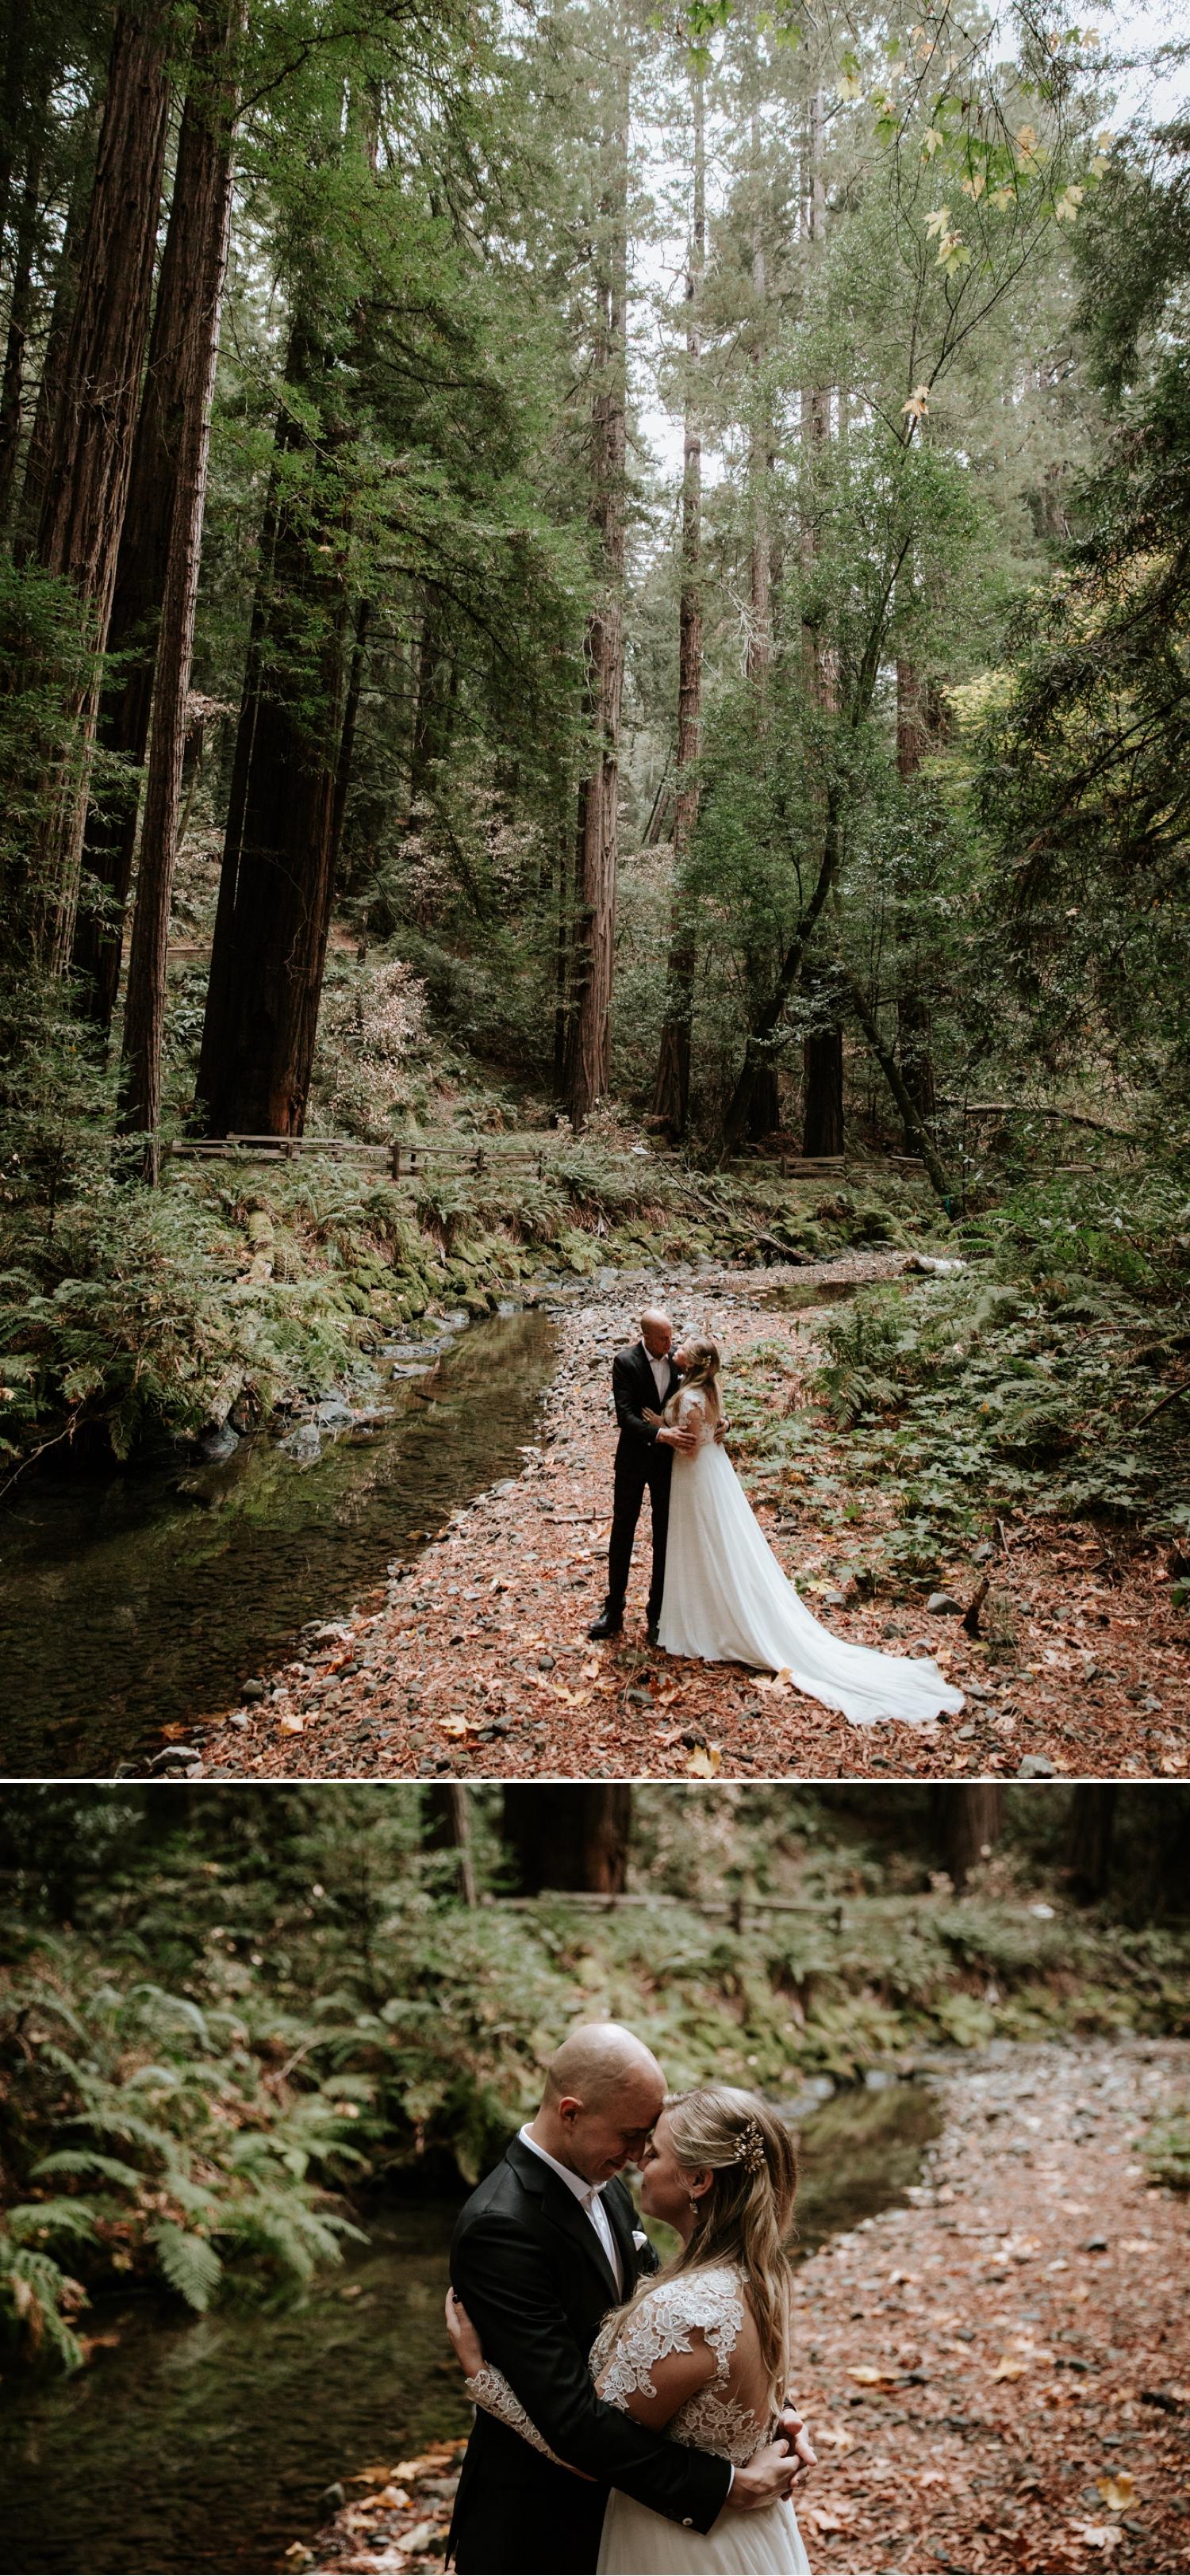 hannah-nick-intimate-muir-woods-wedding-29.jpg